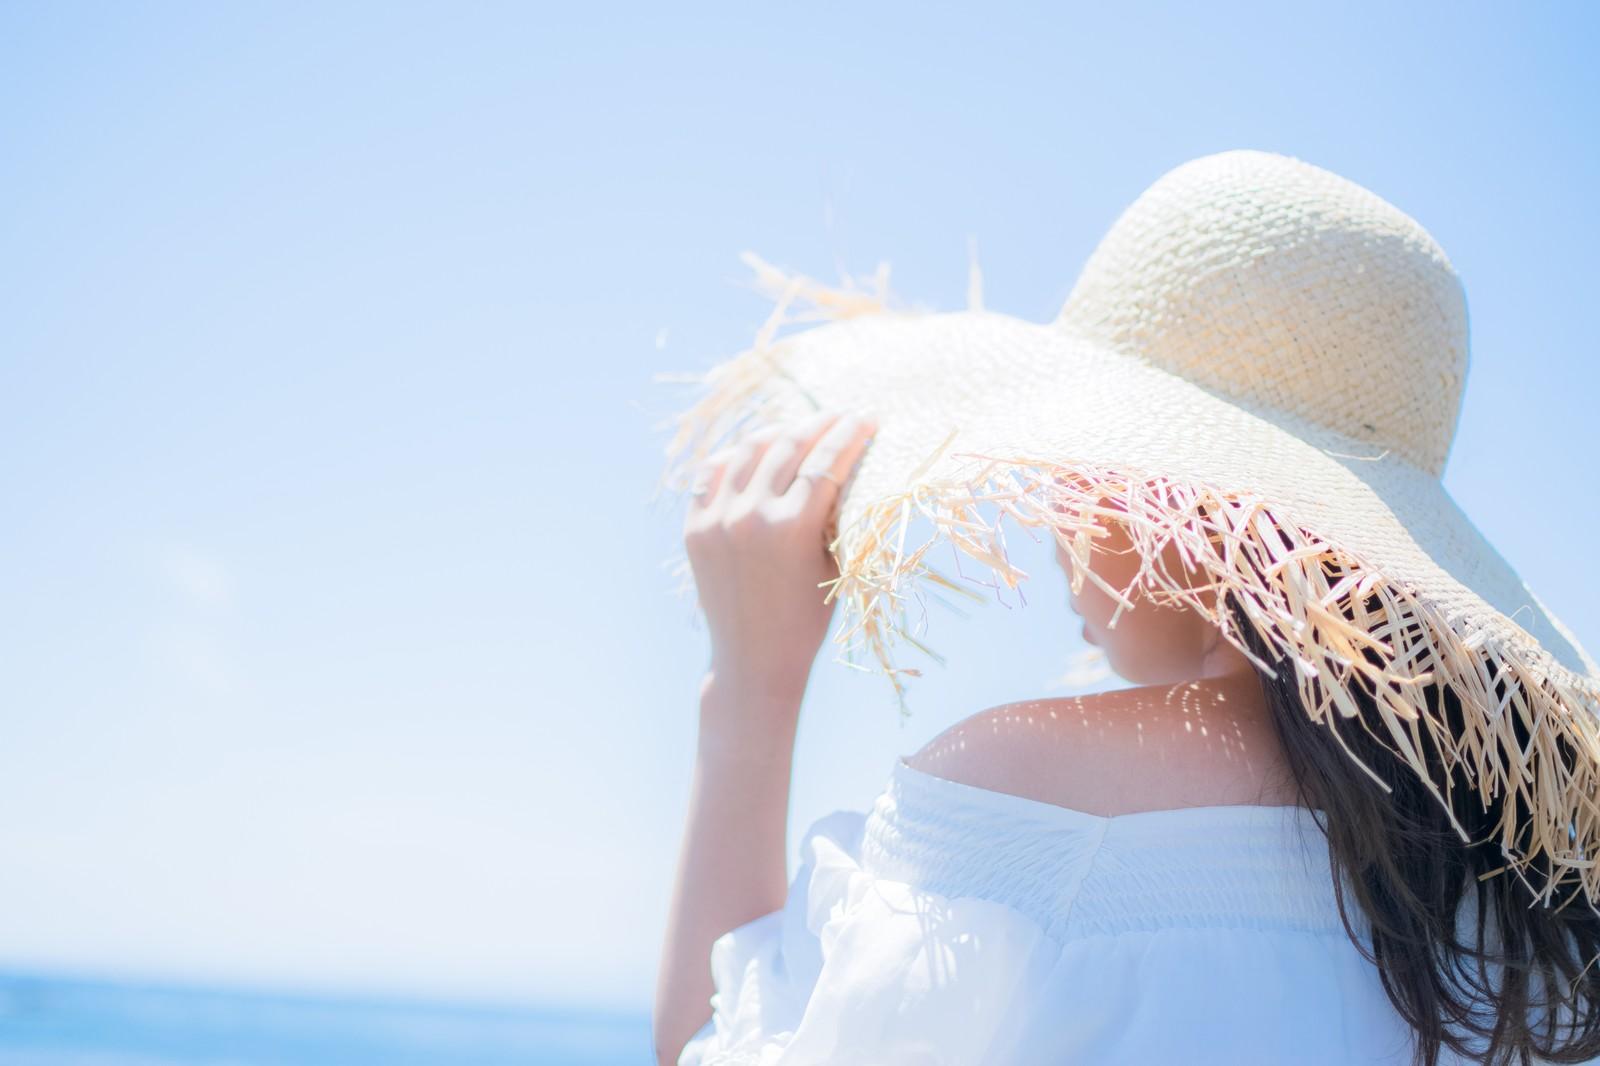 強力な太陽光から肌を守る女性